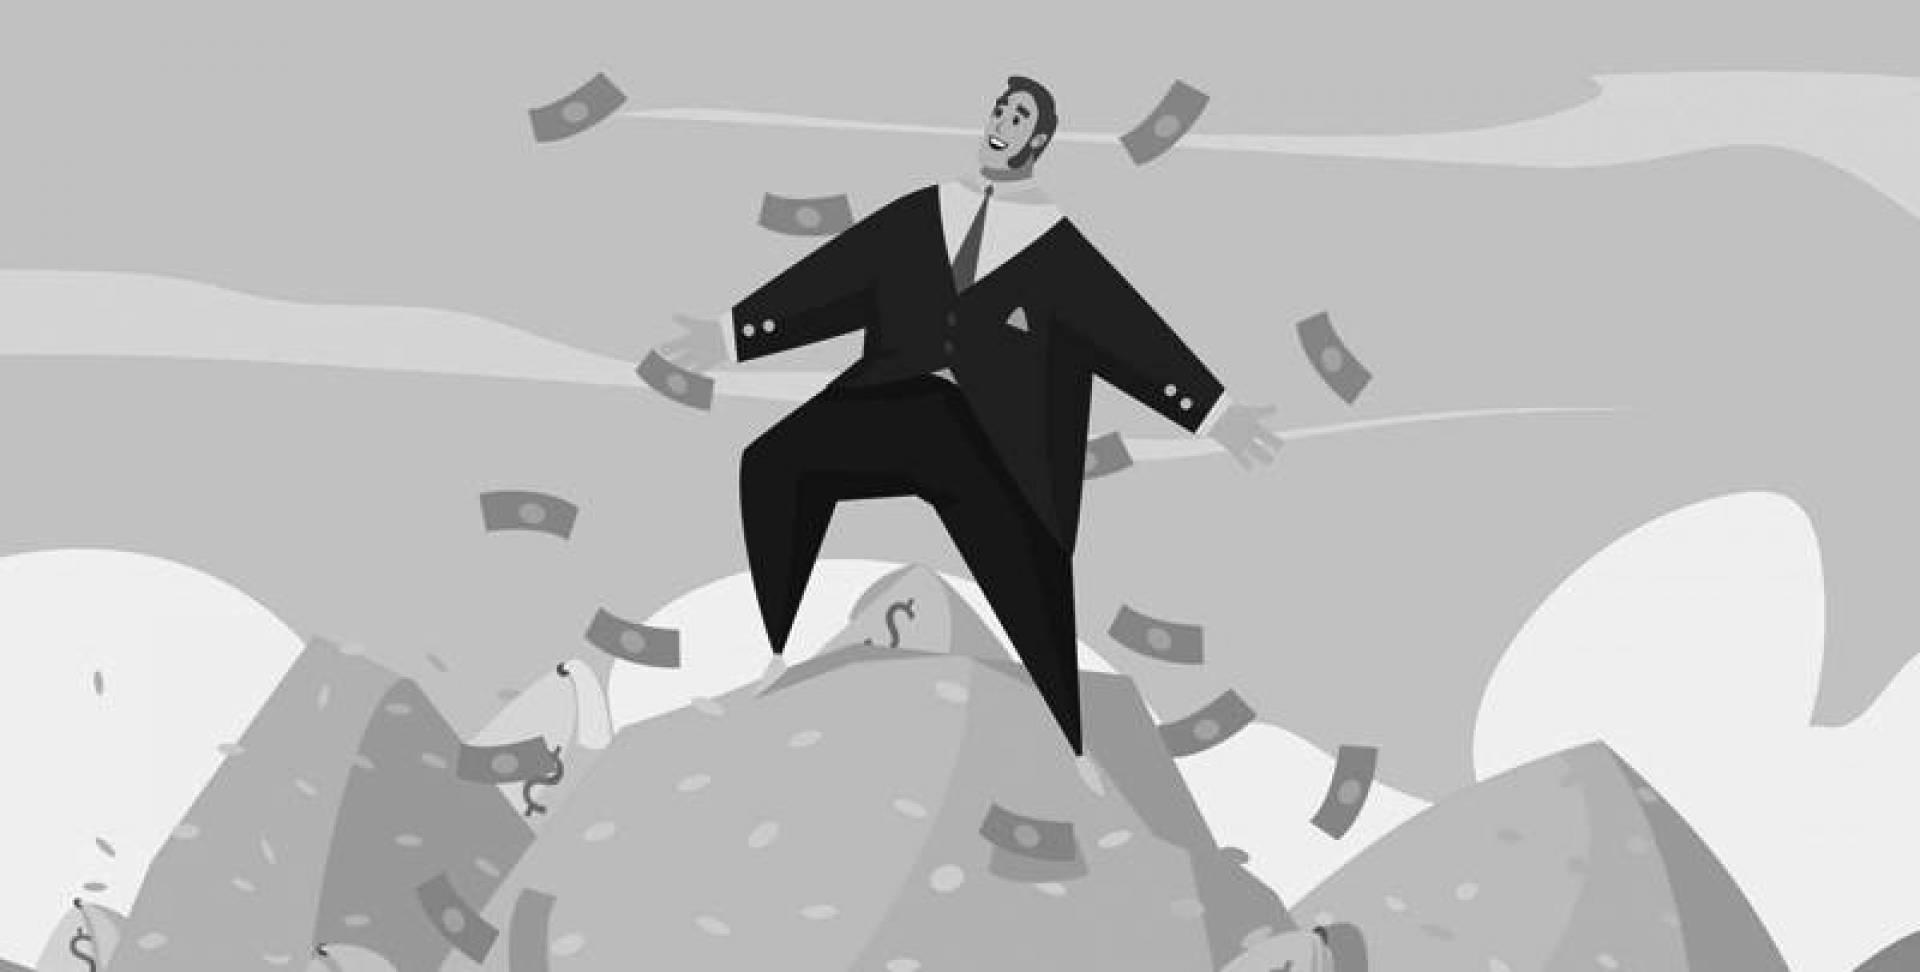 أسطورة أغنى عائلة على سطح الأرض.. تتحول إلى دليل استثماري رائد!